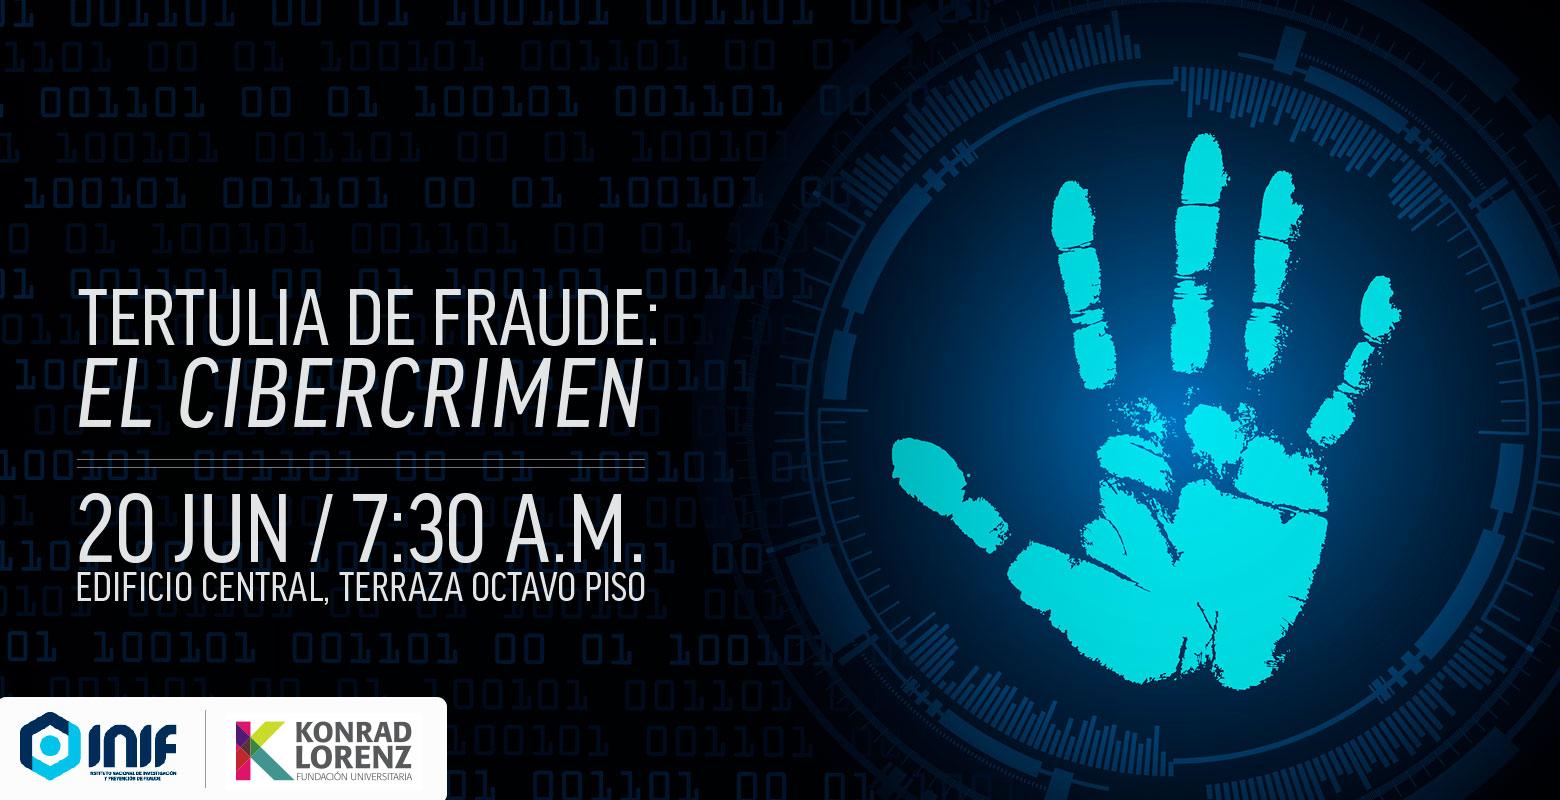 5ta tertulia de fraude: el cibercrimen